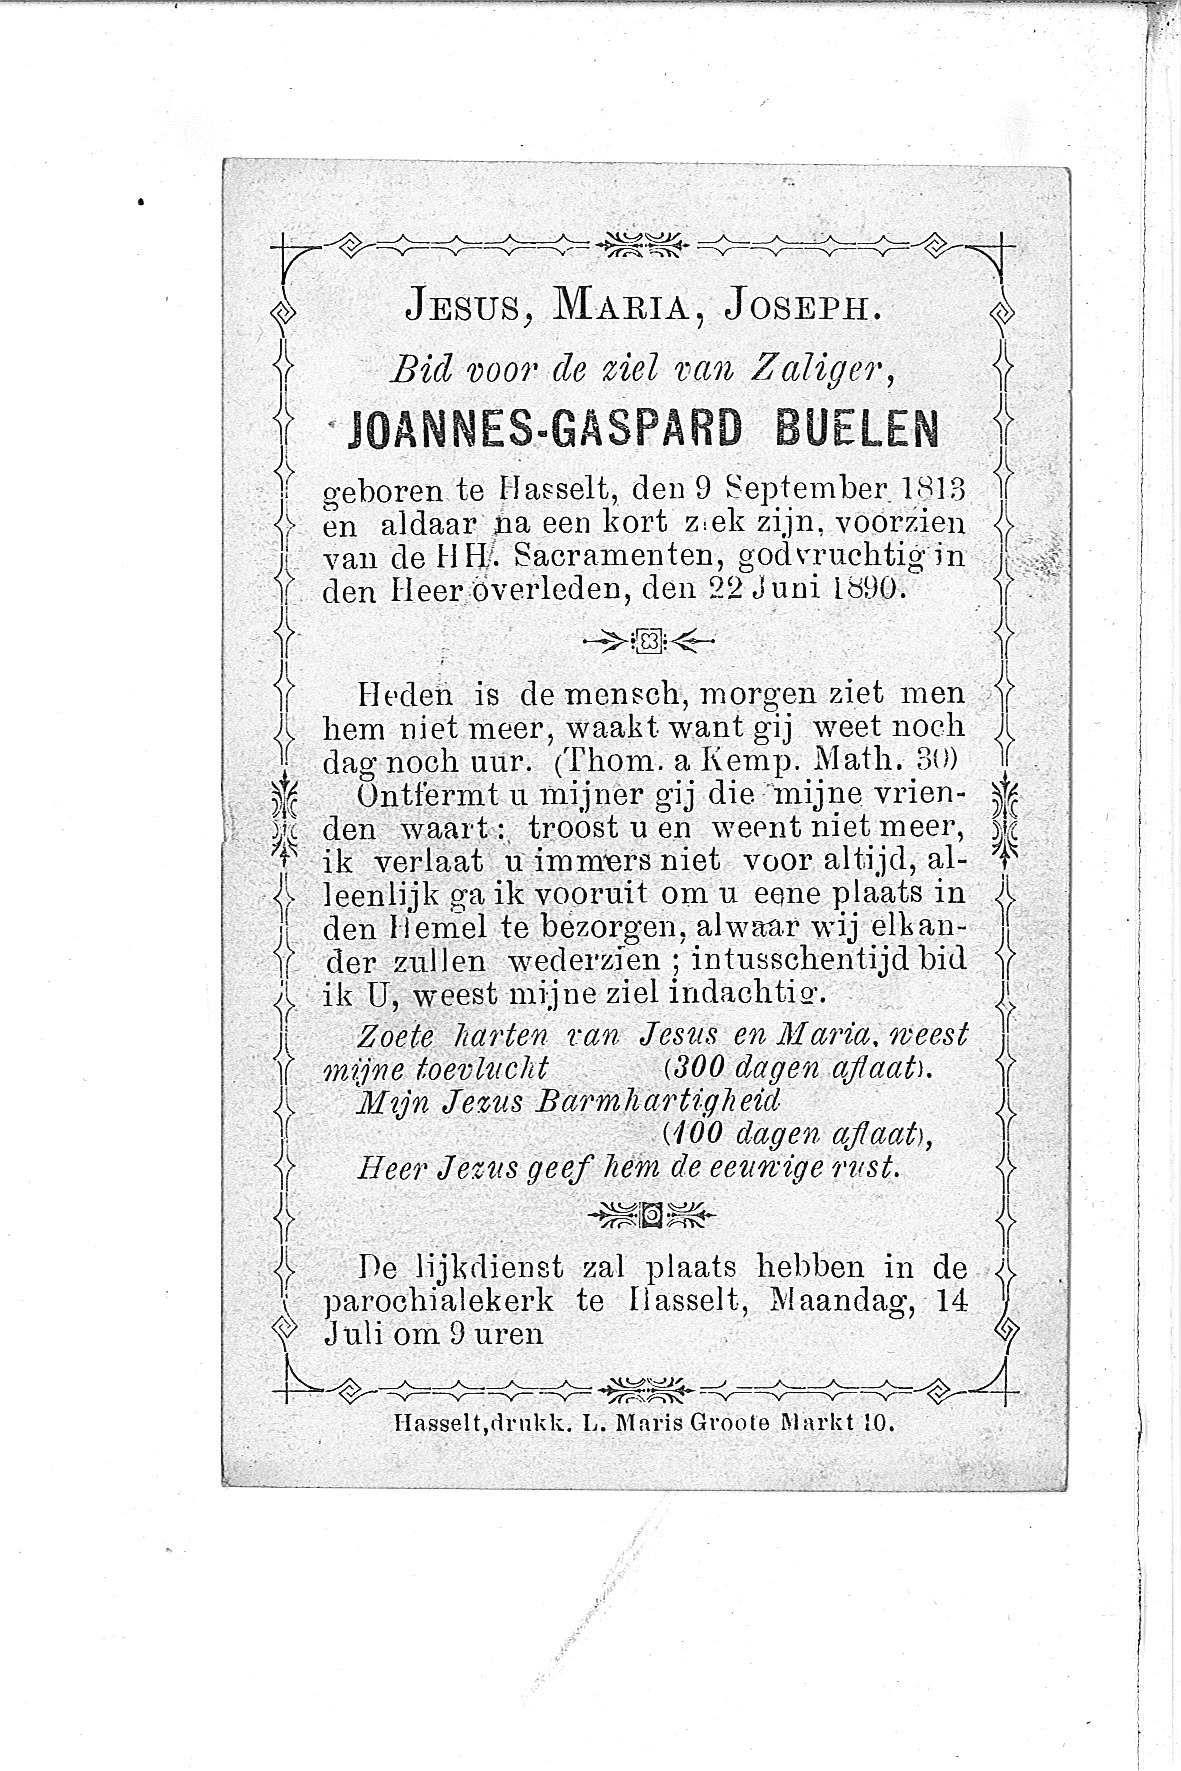 joannes-gaspard(1890)20100812084629_00079.jpg